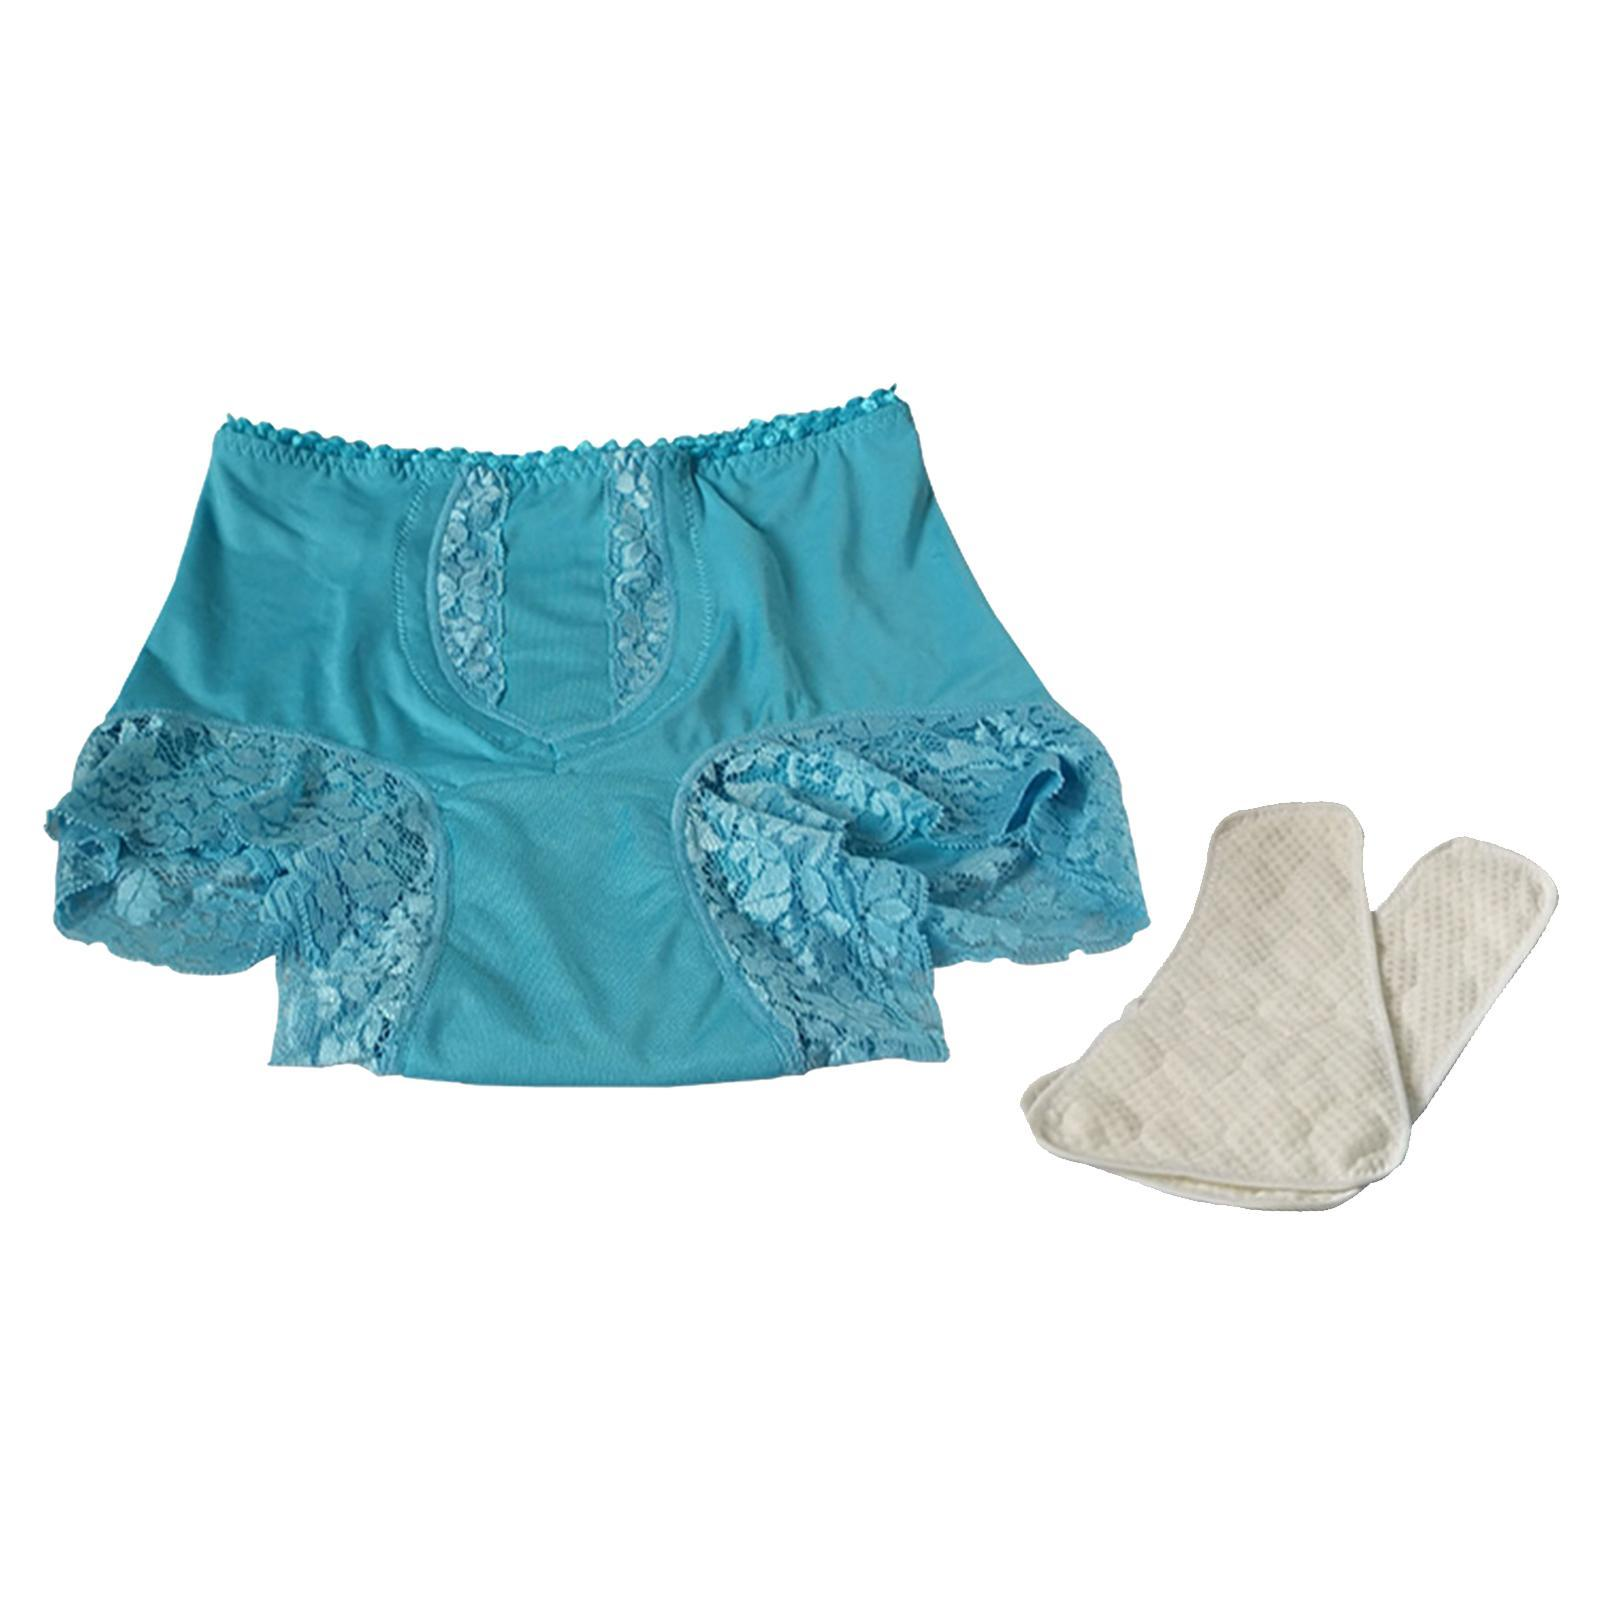 Indexbild 32 - Wiederverwendbare Inkontinenz Unterwäsche mit Pad für Frauen Menstruations